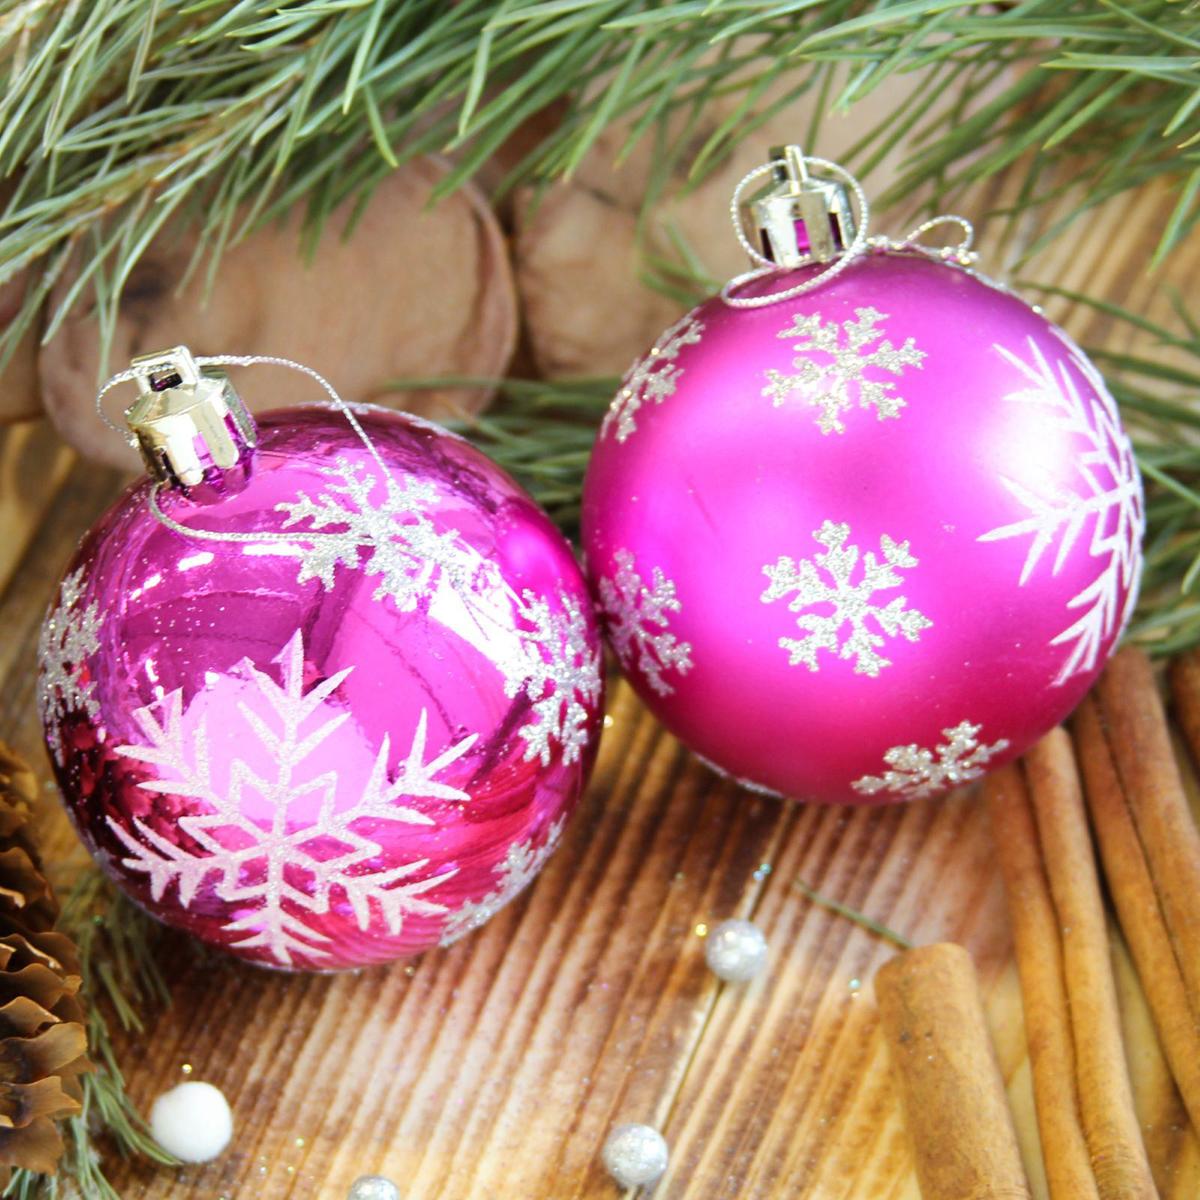 Набор новогодних подвесных украшений Sima-land Снегопад, диаметр 6 см, 8 шт2122953Невозможно представить нашу жизнь без праздников! Мы всегда ждём их и предвкушаем, обдумываем, как проведём памятный день, тщательно выбираем подарки и аксессуары, ведь именно они создают и поддерживают торжественный настрой.